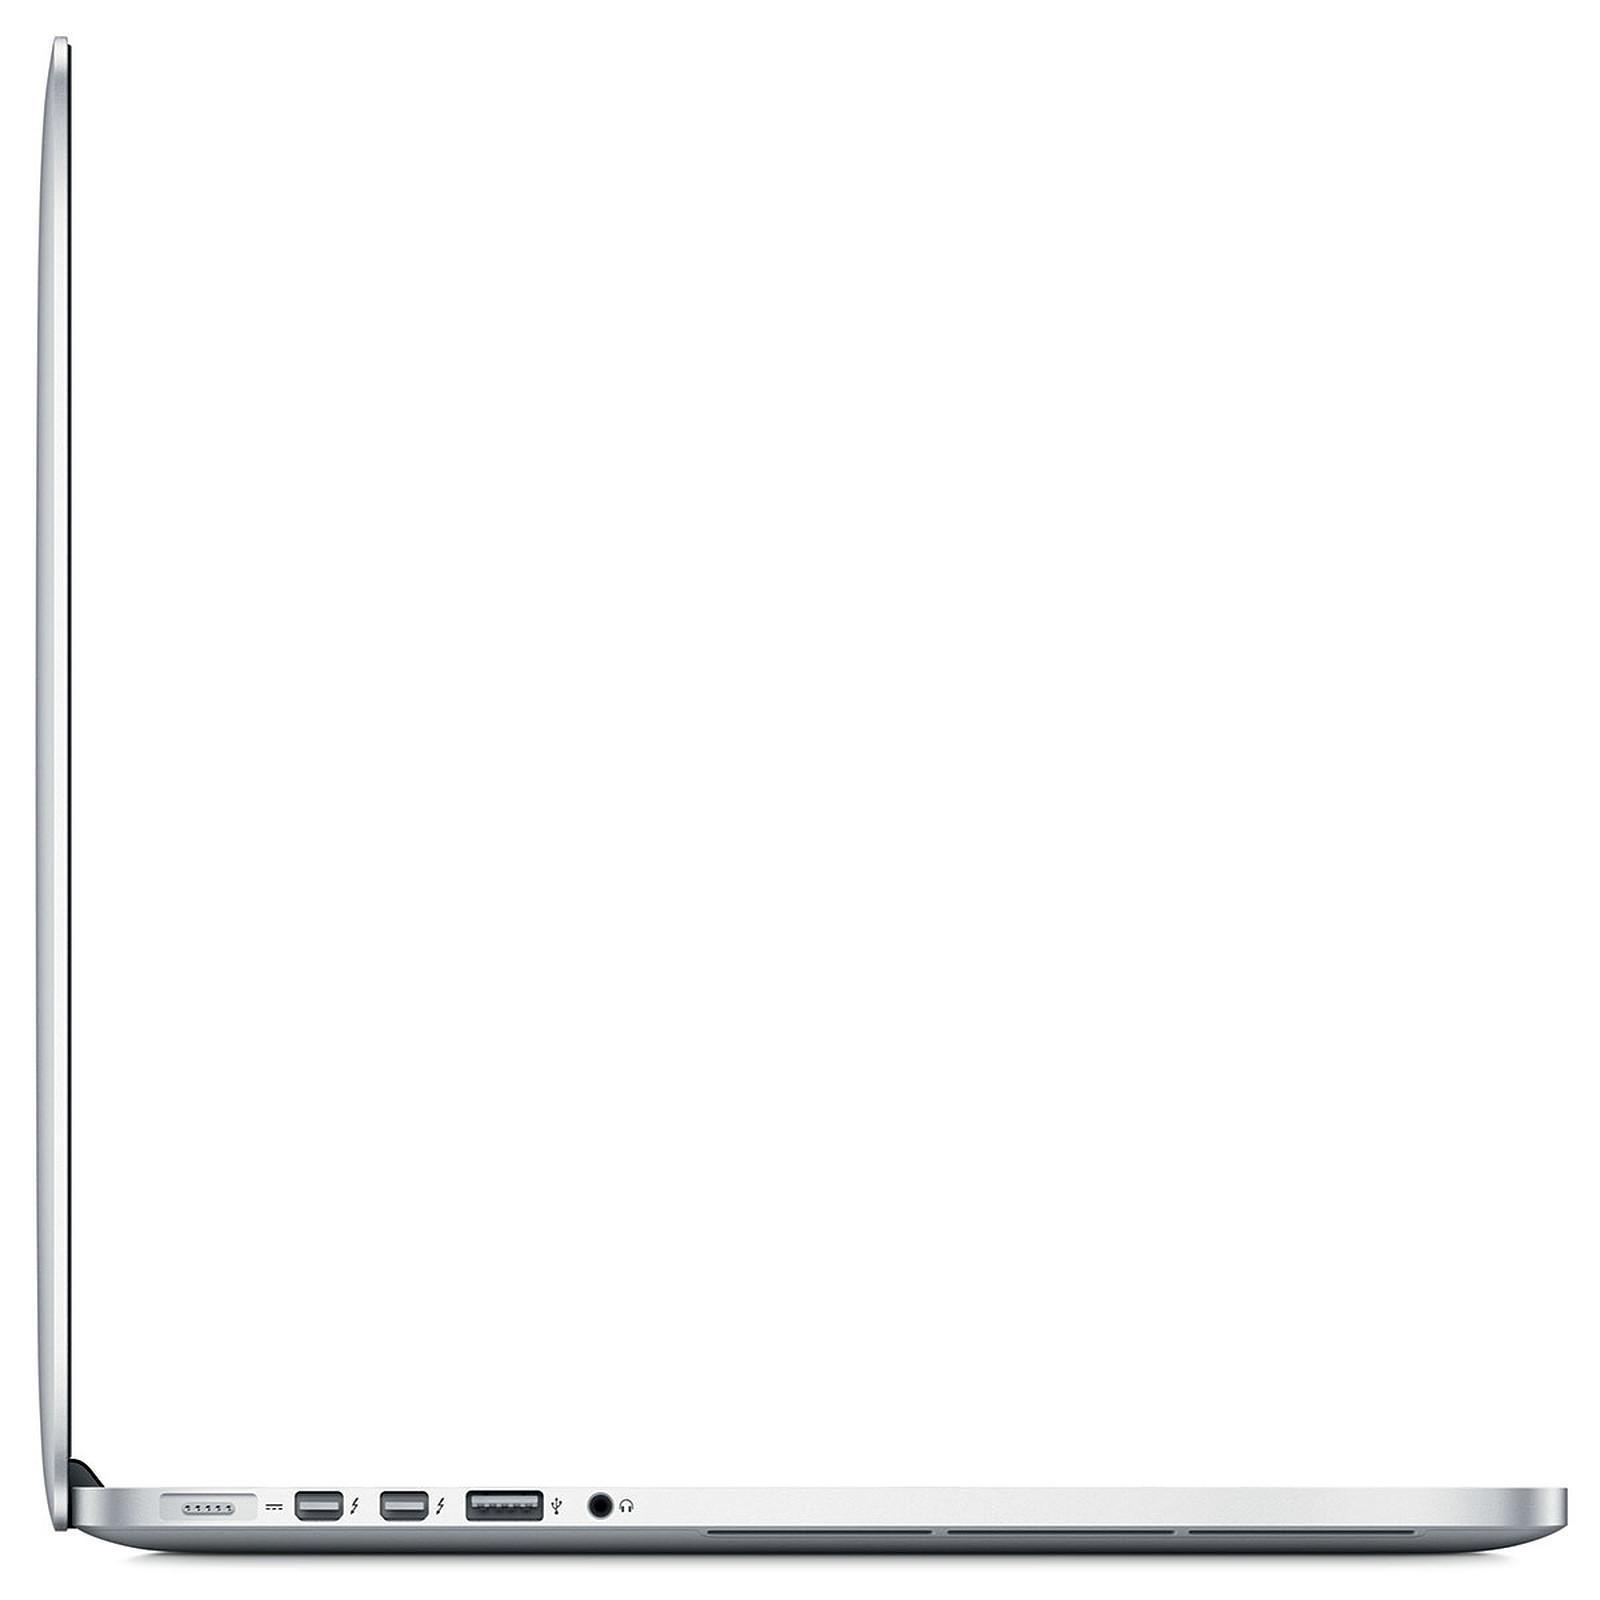 MacBook Pro Retina 15,4-tum (2014) - Core i7 - 16GB - SSD 500 GB QWERTY - Engelska (USA)